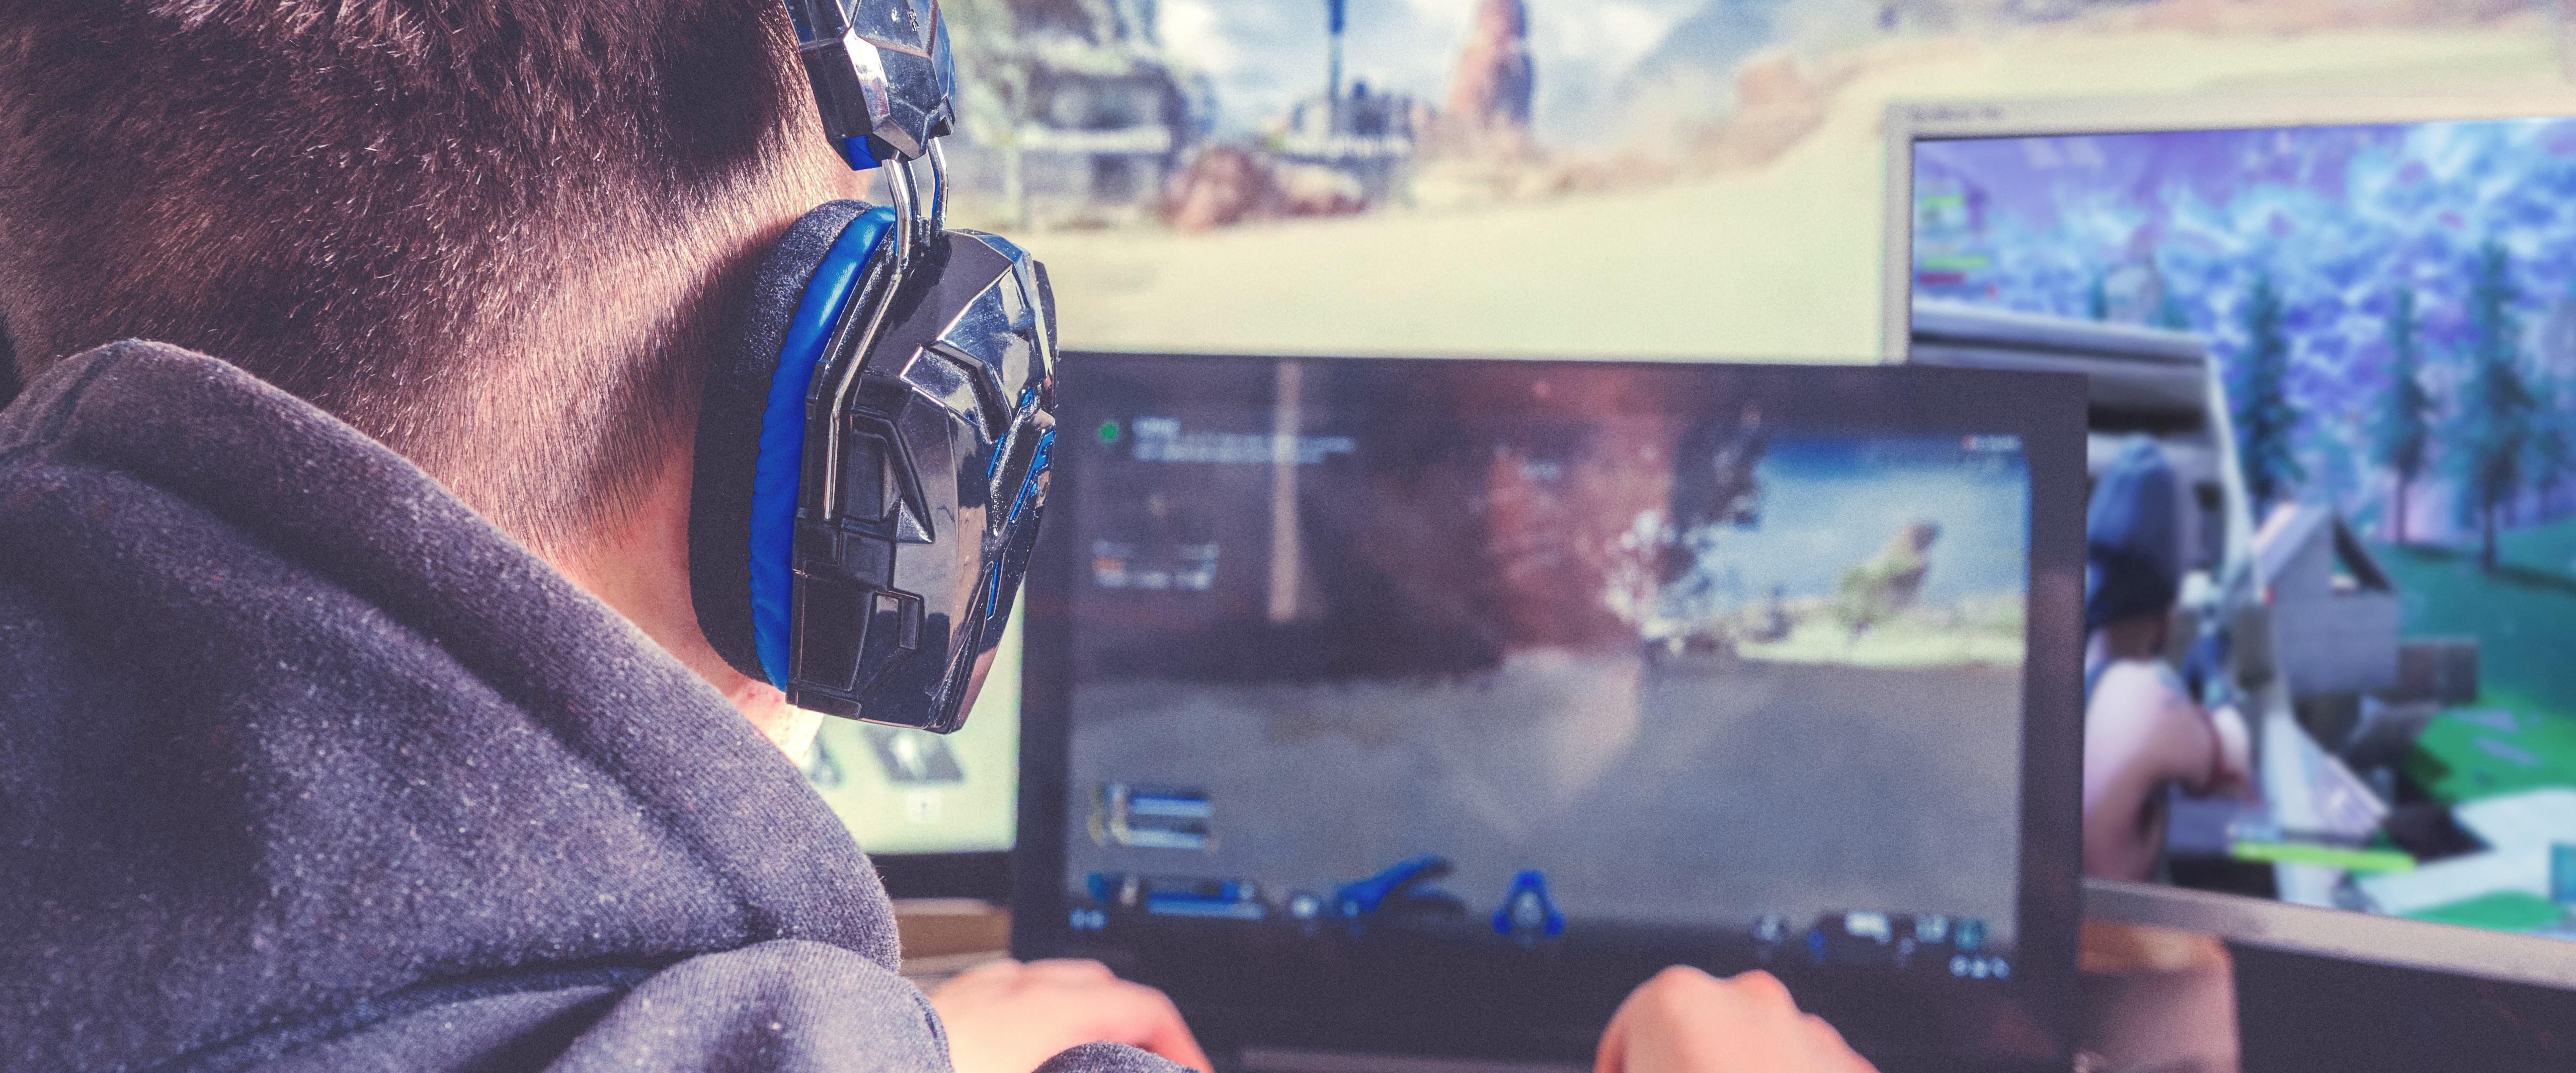 adolescente adicción a videojuegos